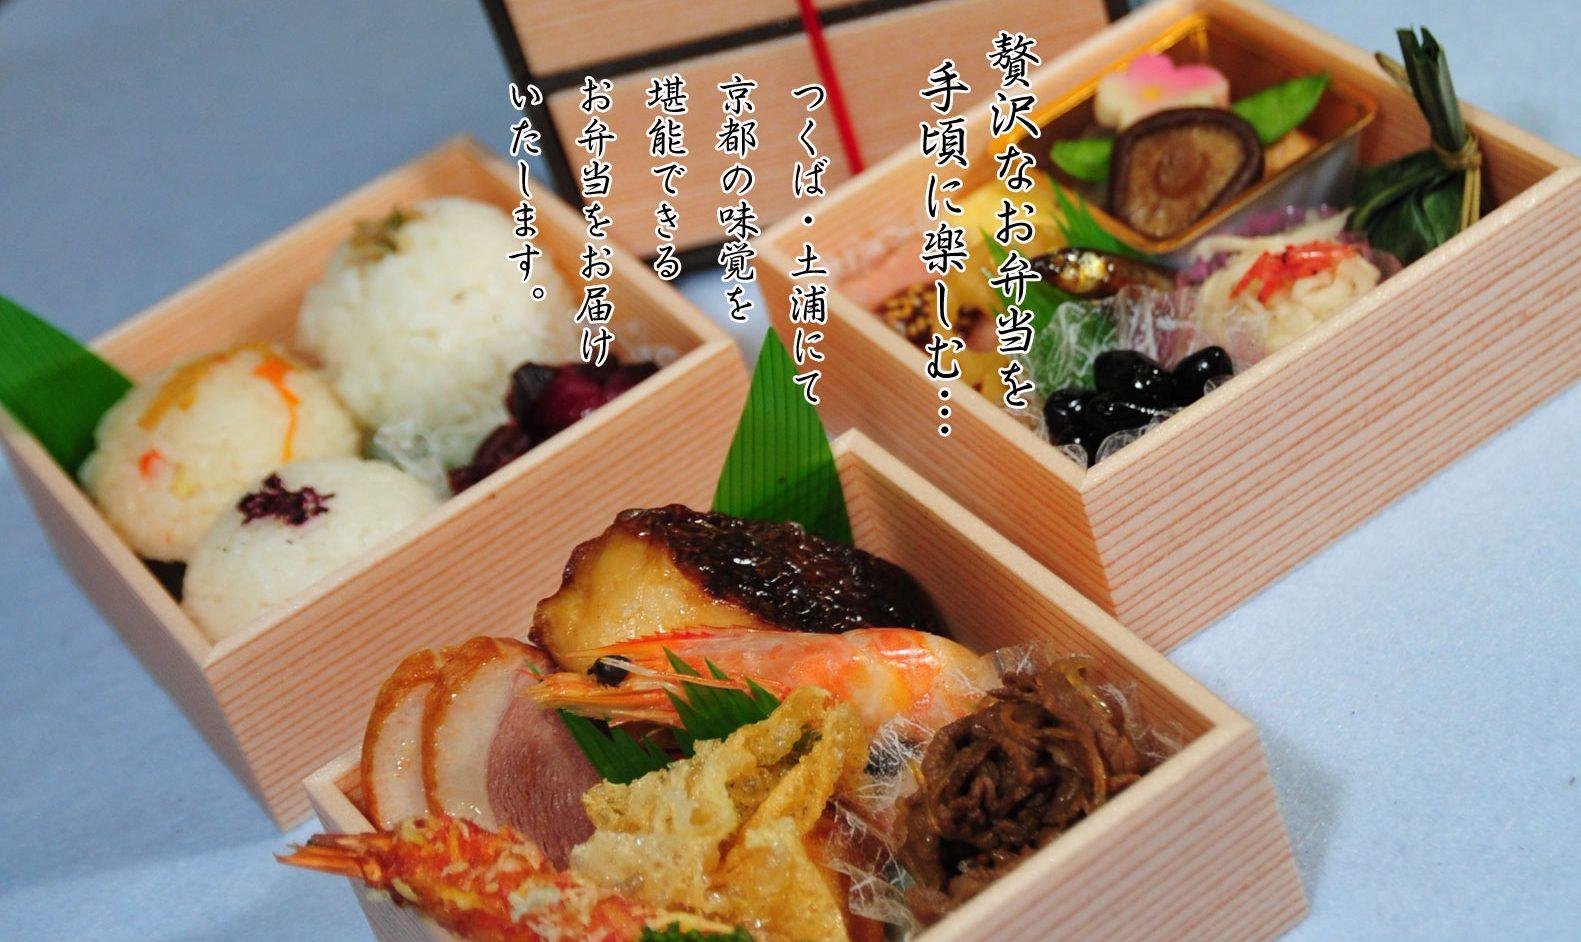 贅沢なお弁当を手頃に楽しむ…  つくば・土浦にて京都の味覚を堪能できるお弁当をお届けいたします。